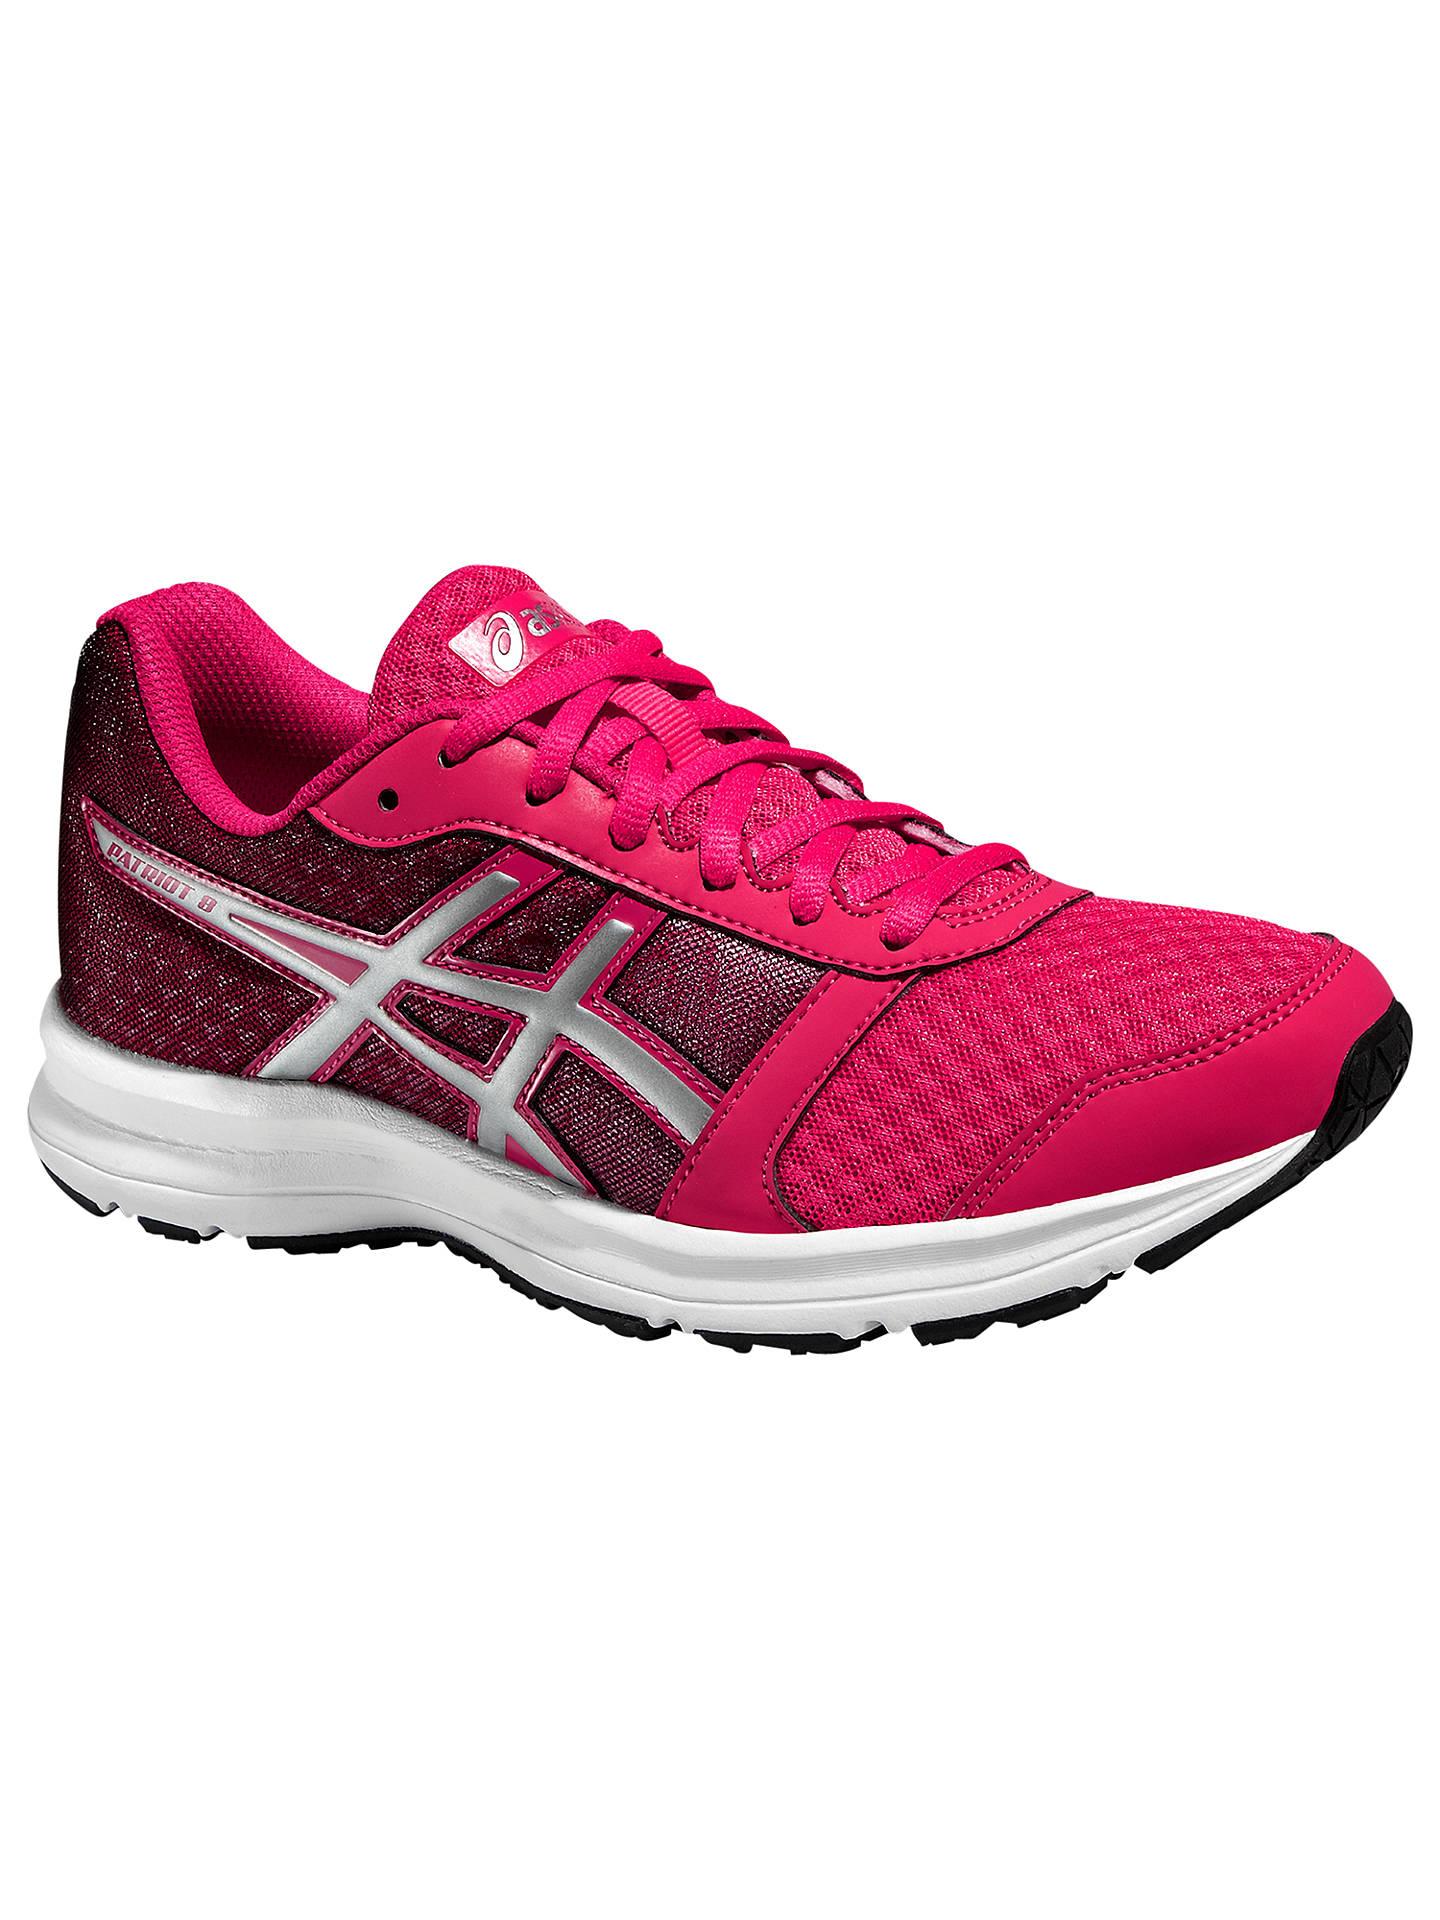 asics patriot 8 ladies running shoes